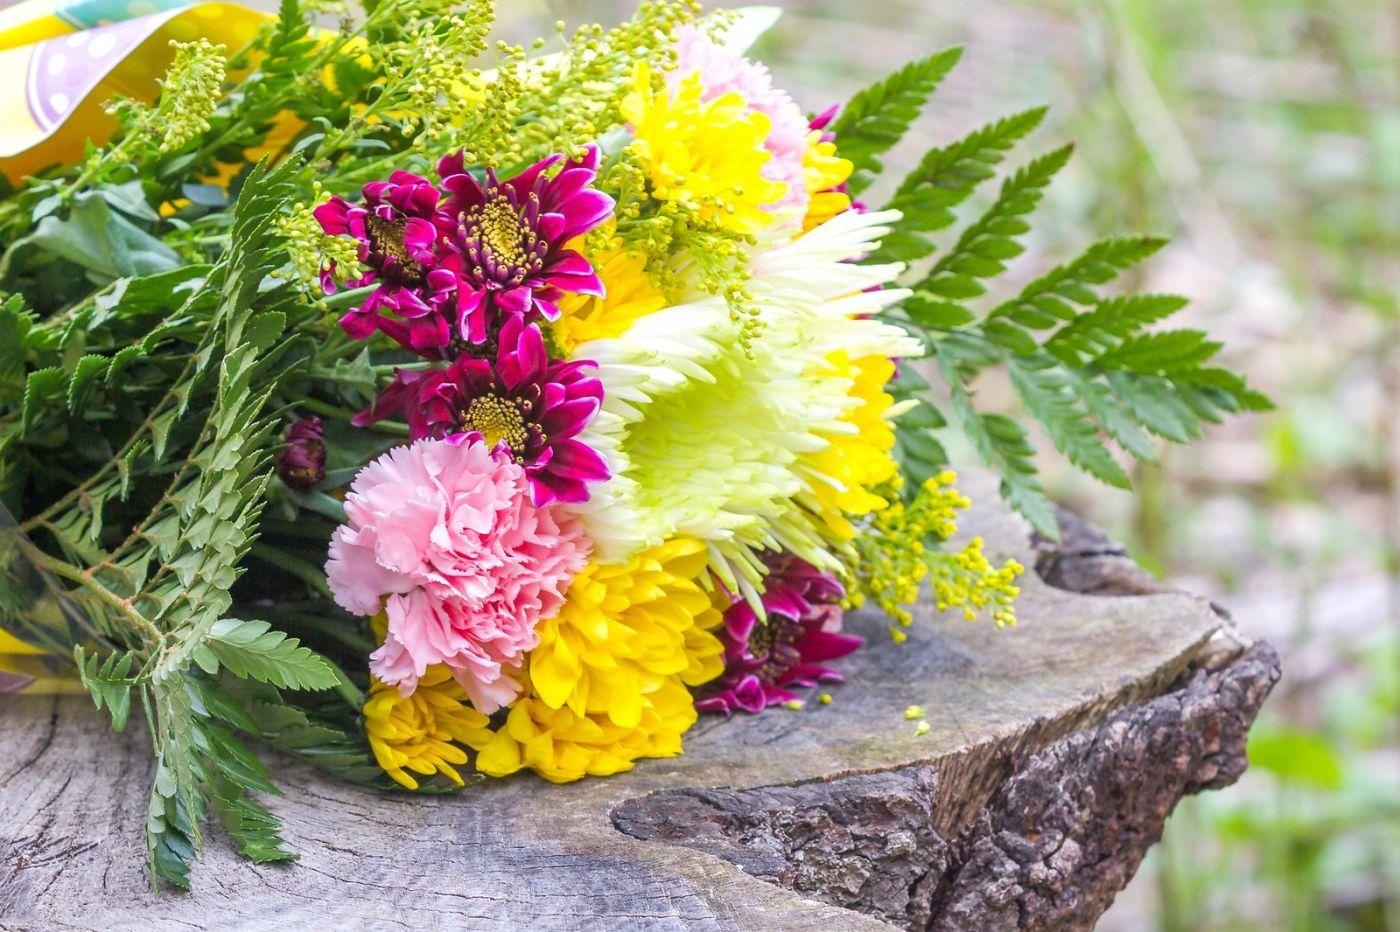 一束花的畅想_图1-23